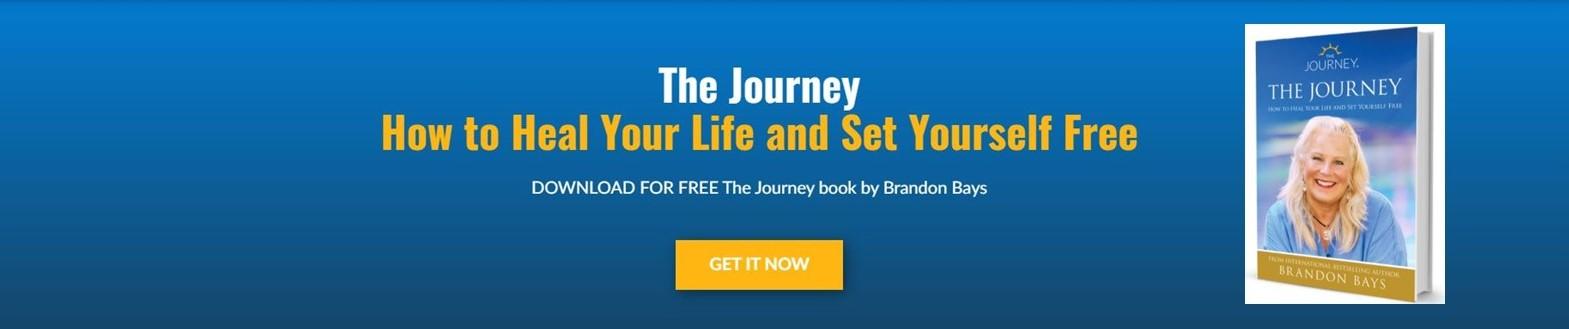 FREE Jrny e-book